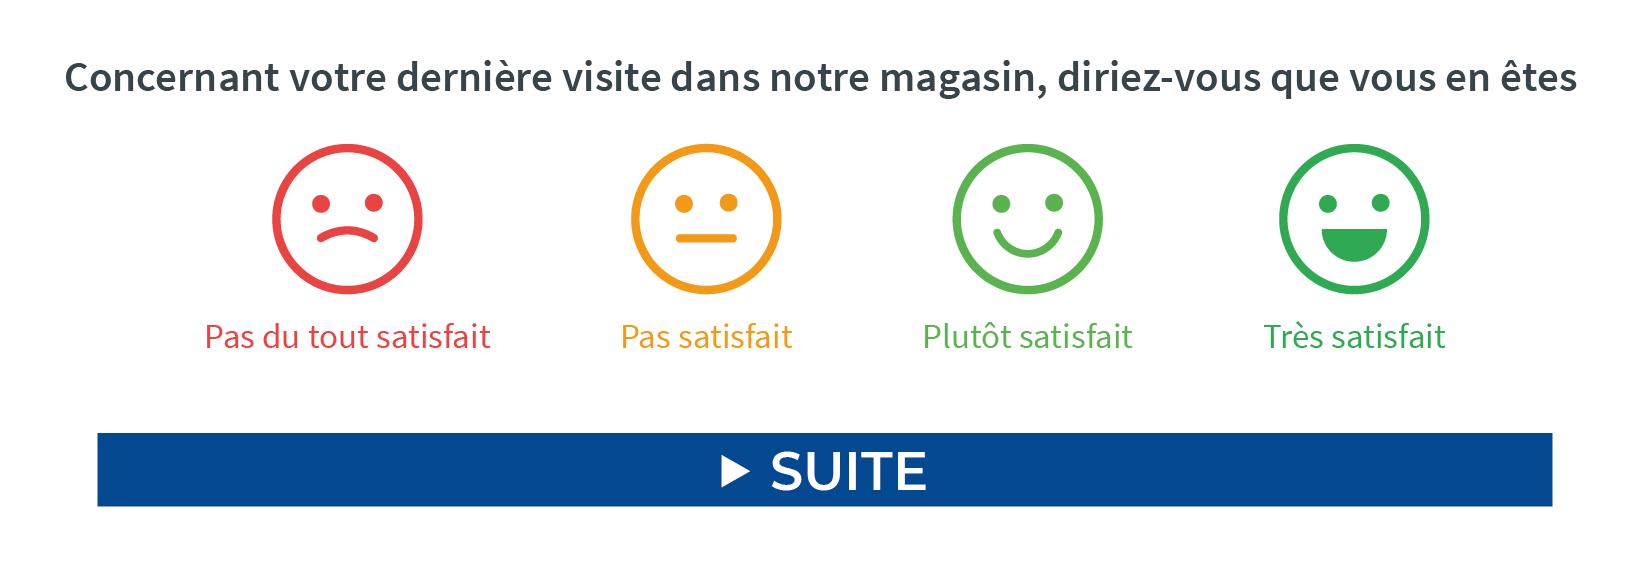 CSAT : montrer un exemple de question mettant en scène des smileys.